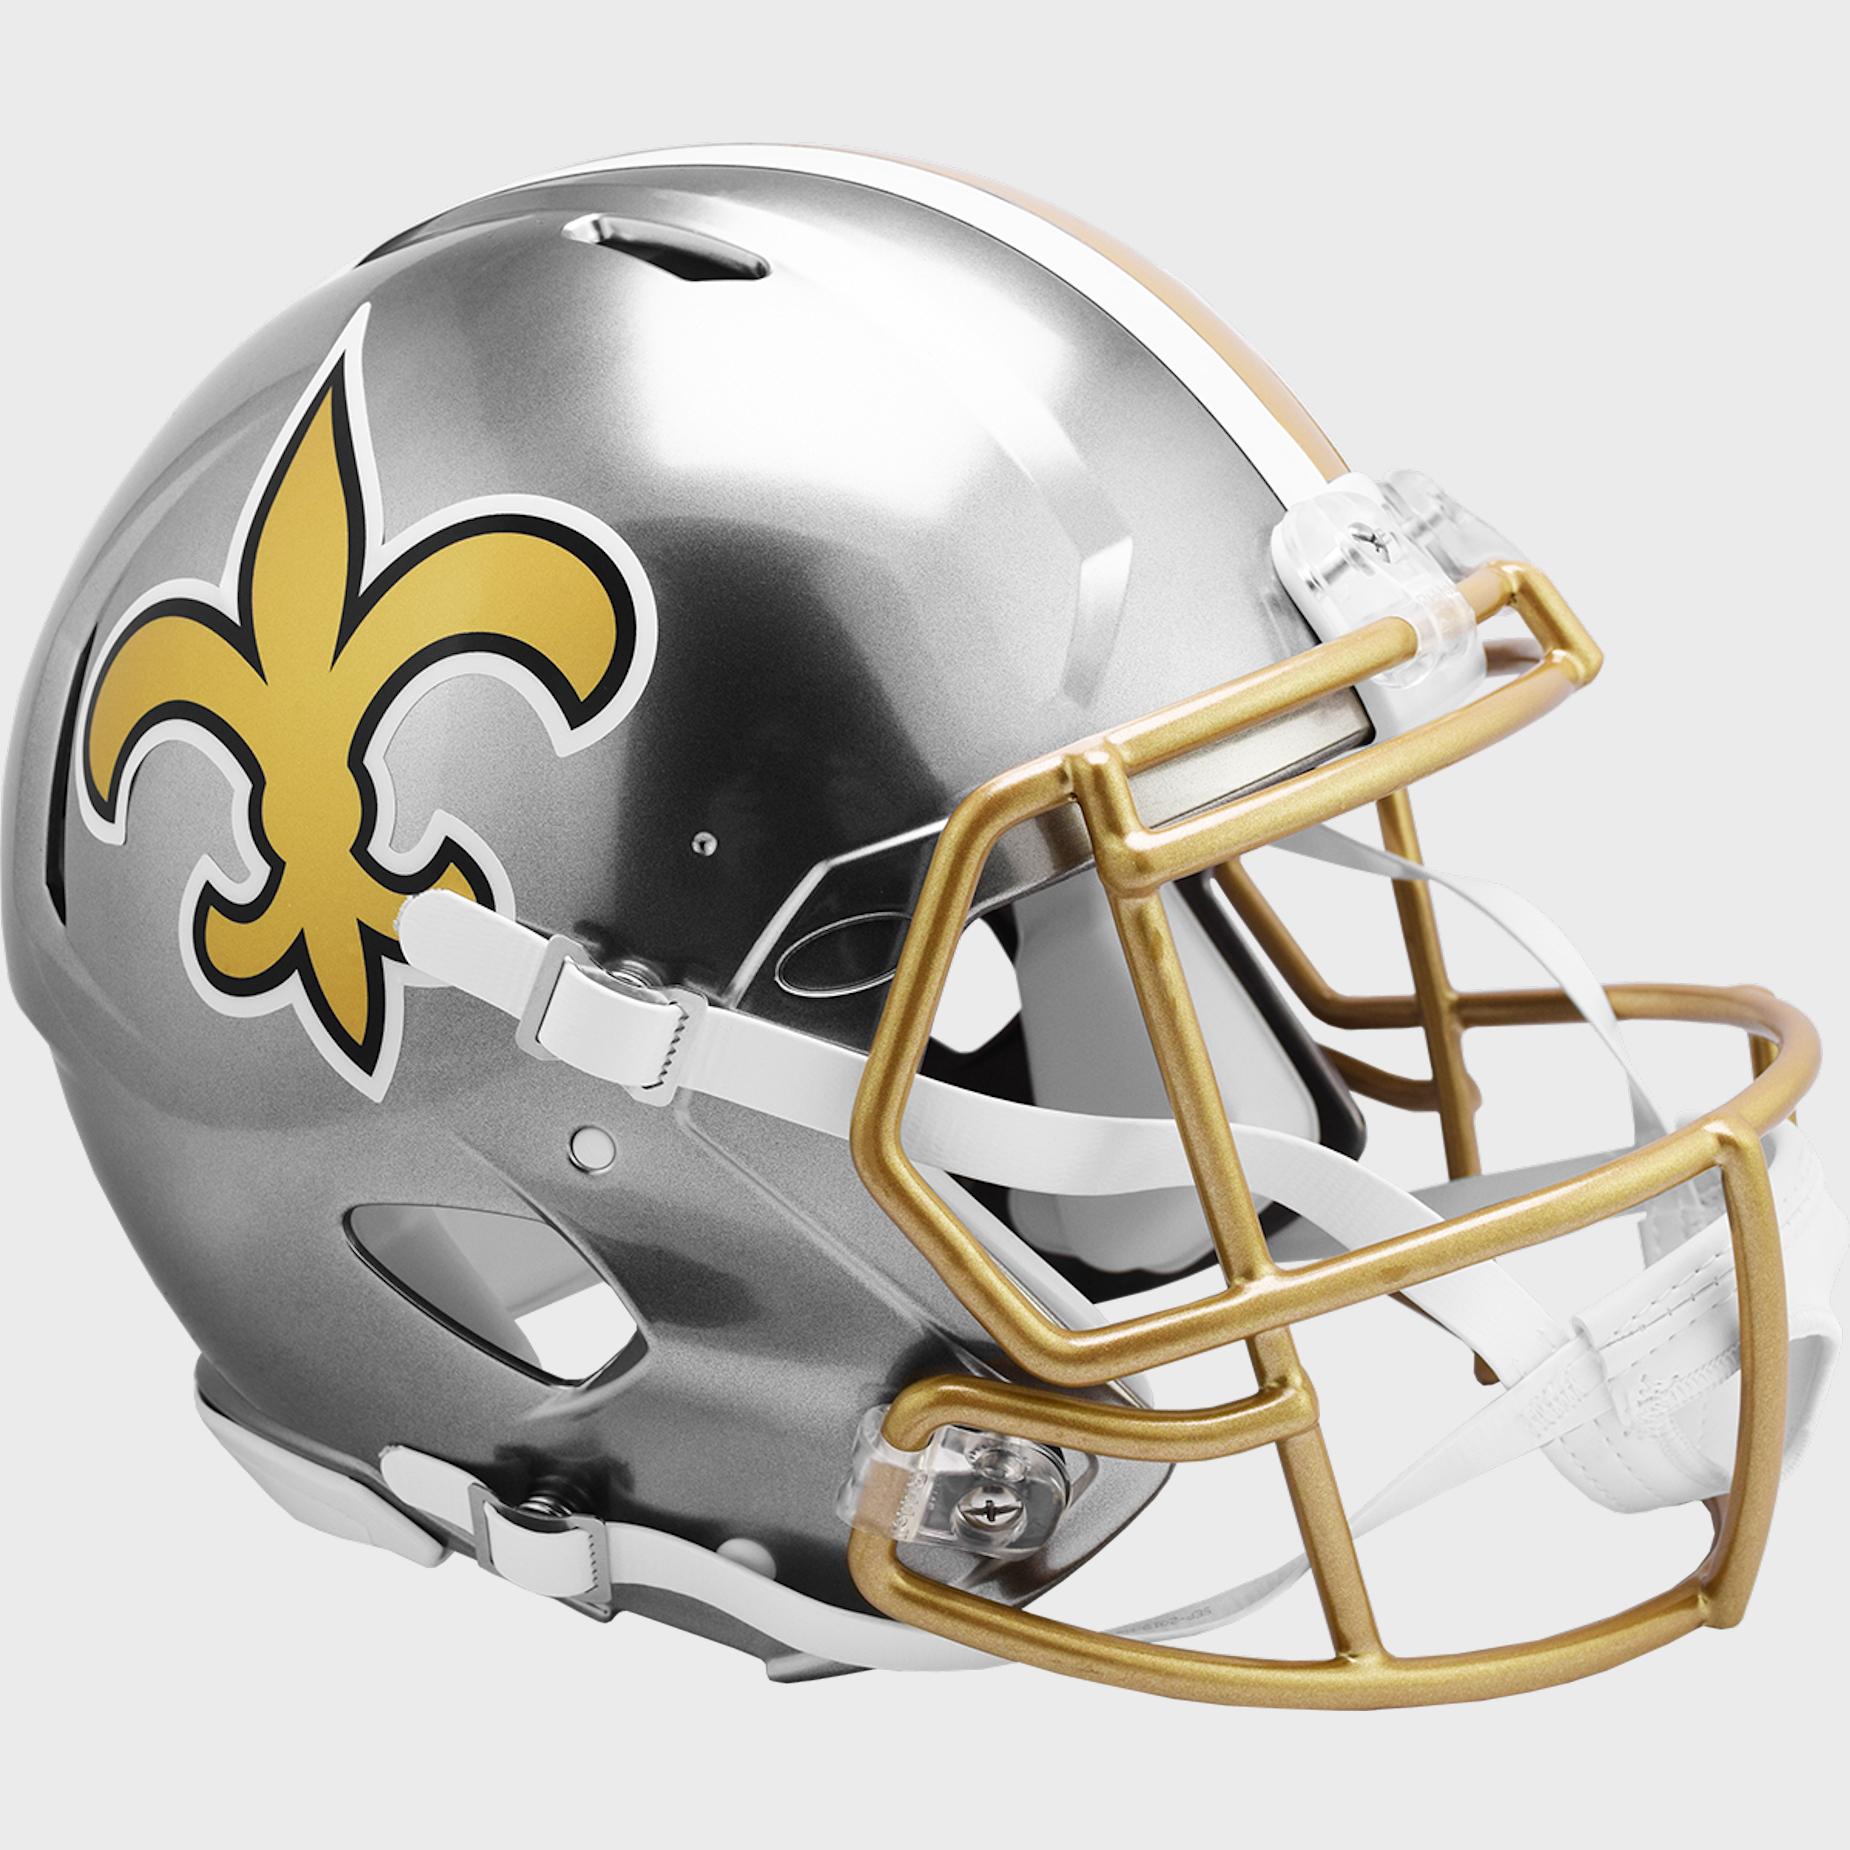 New Orleans Saints Speed Football Helmet <B>FLASH ESD 8/21/21</B>